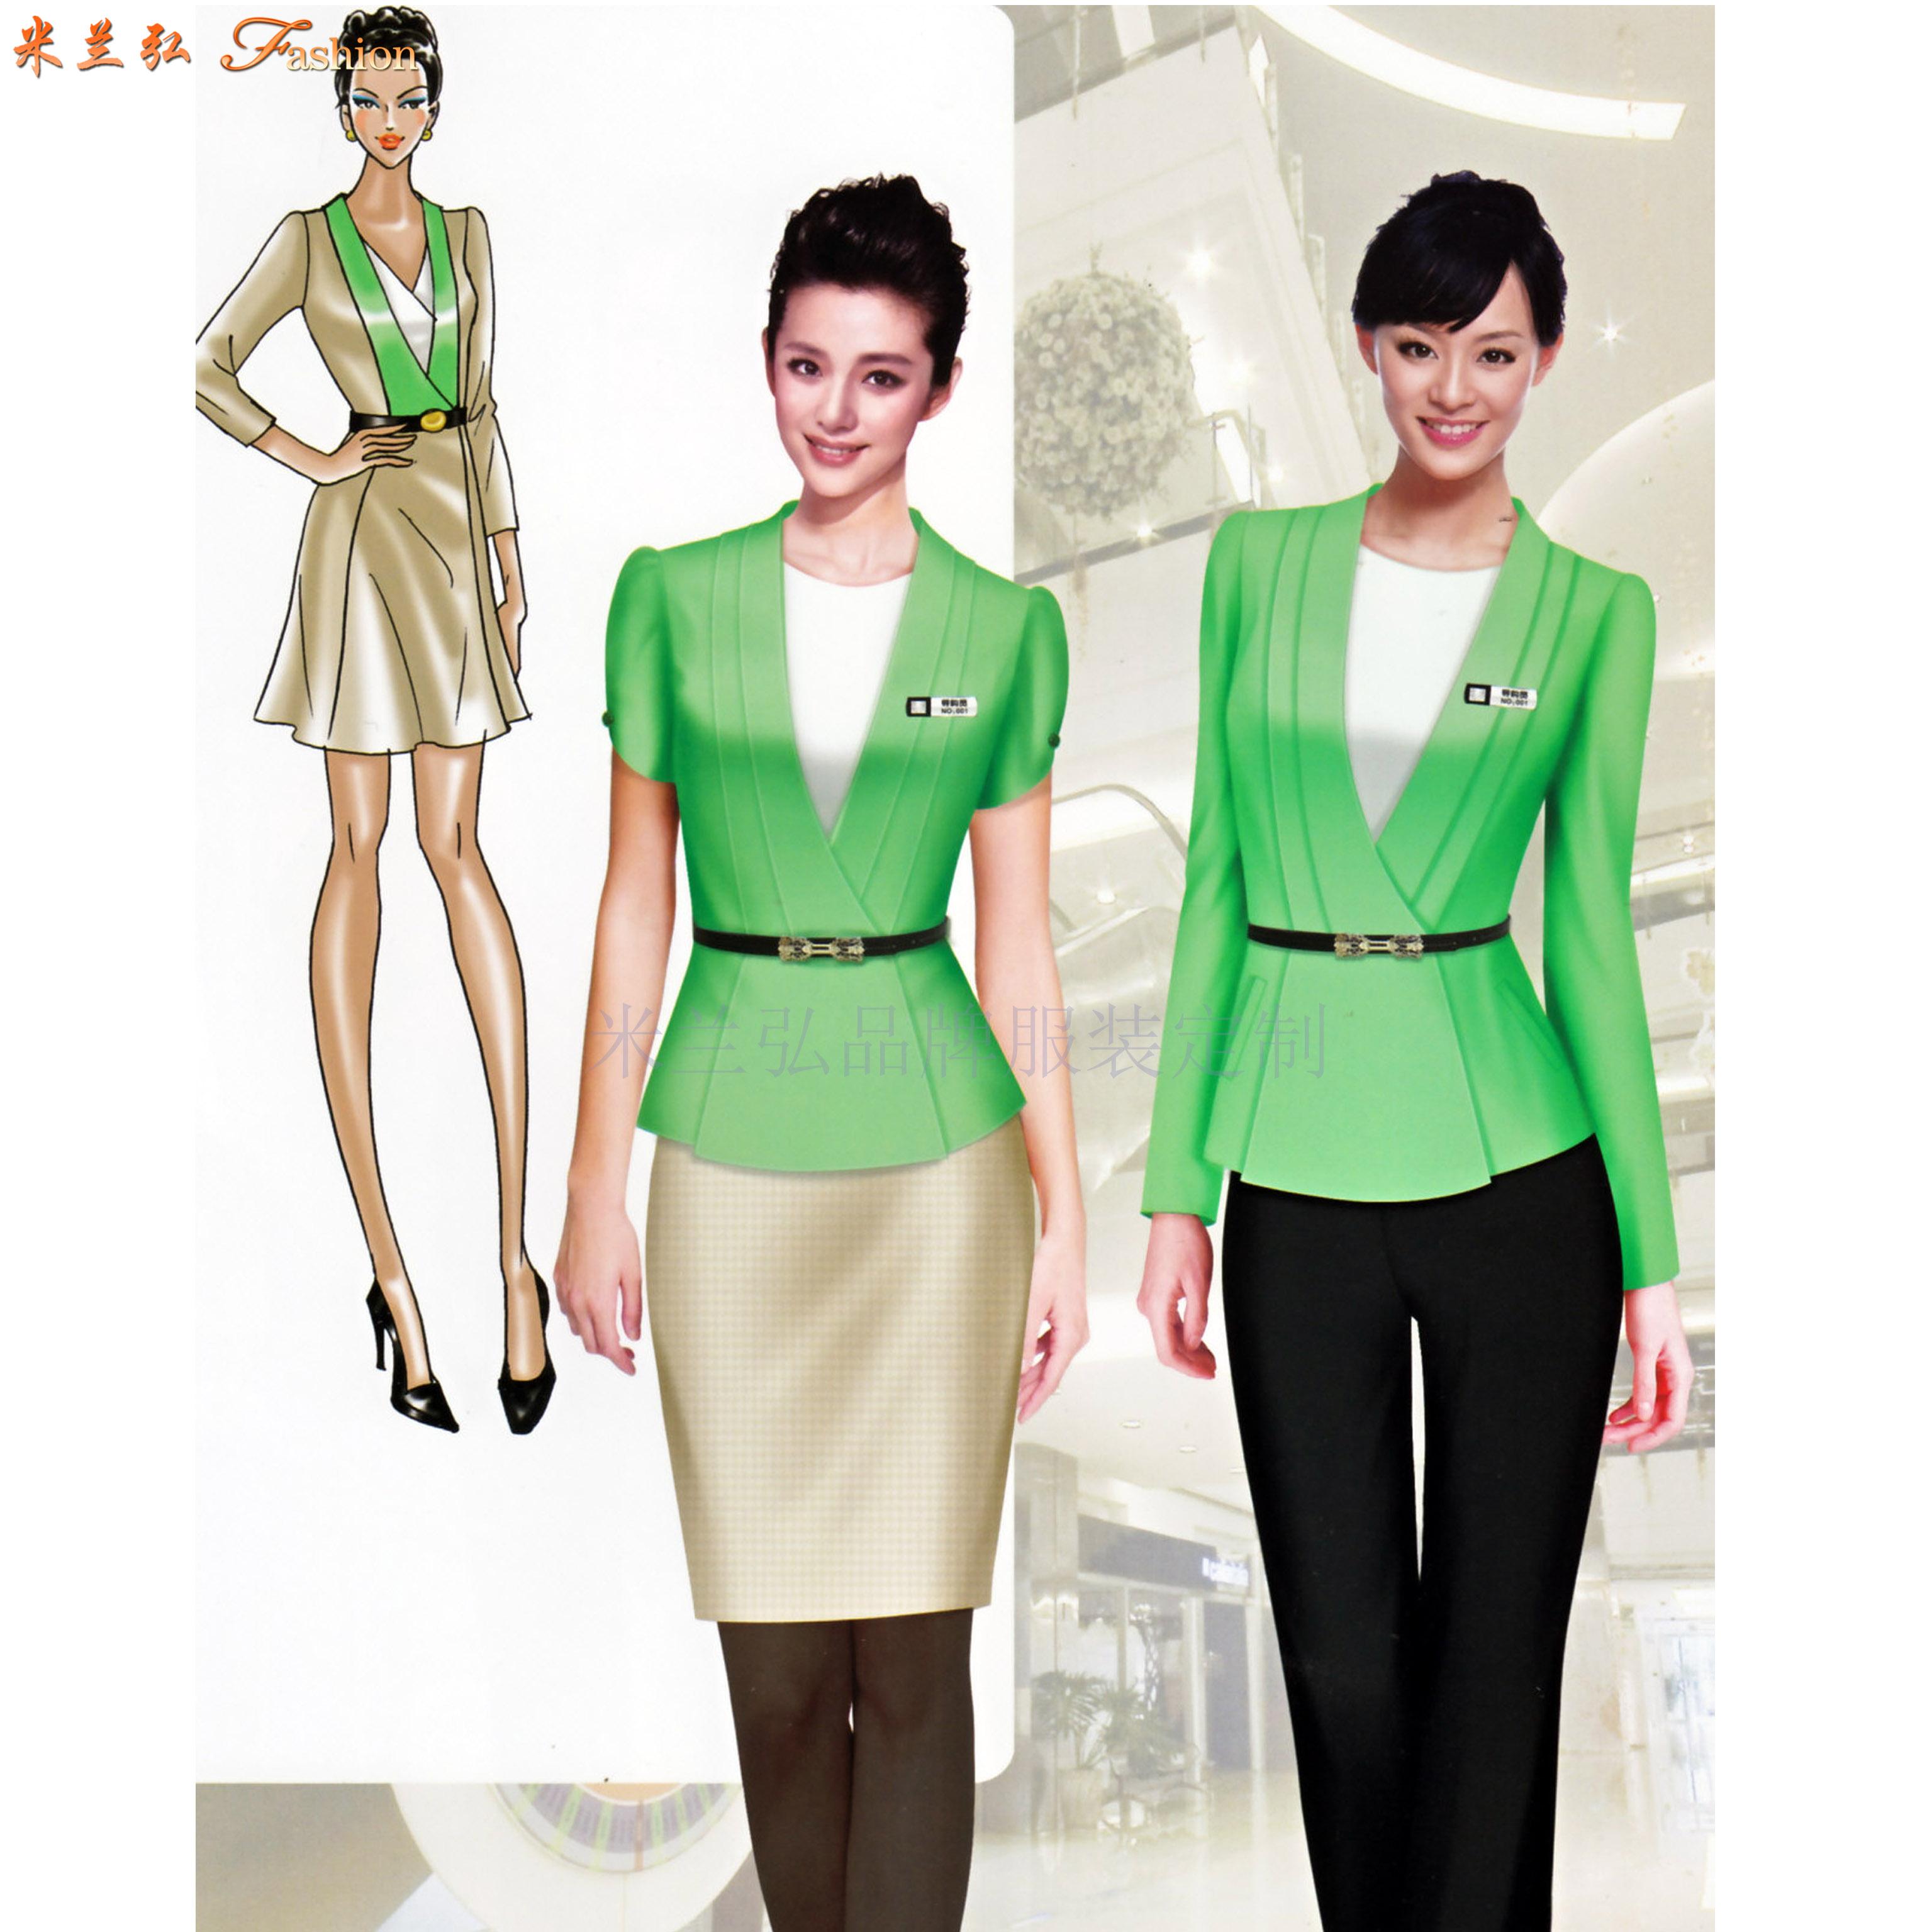 職業裝女裝西裝-白領職業裝女裝套裝-米蘭弘服裝-2